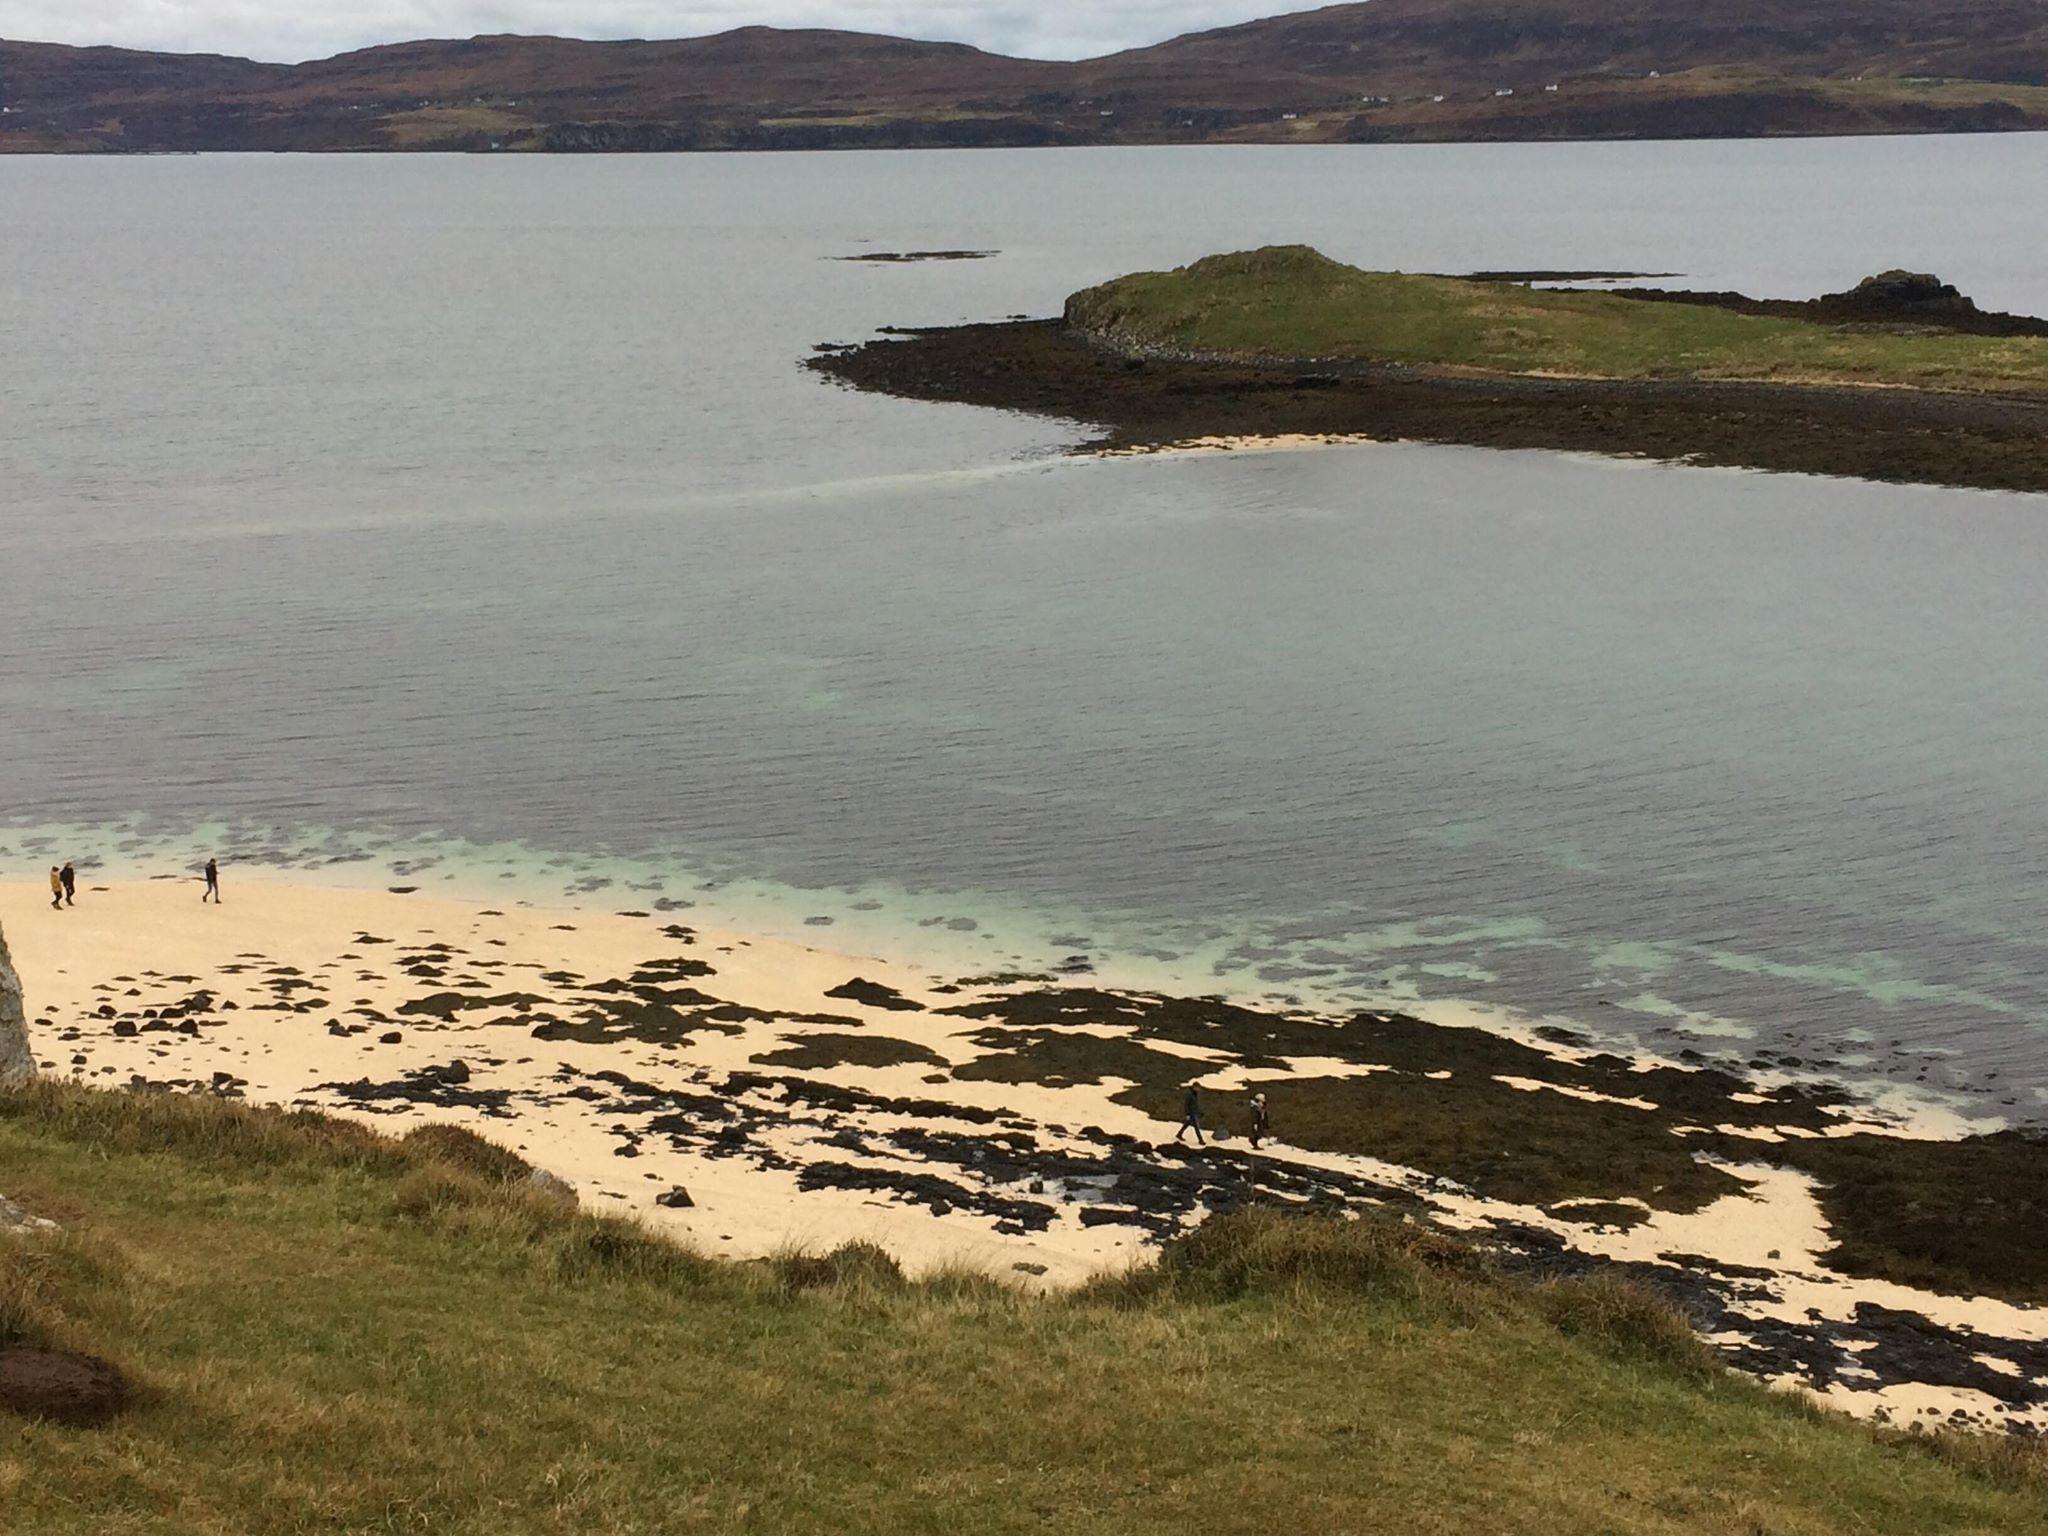 Scotland skye beach.jpg